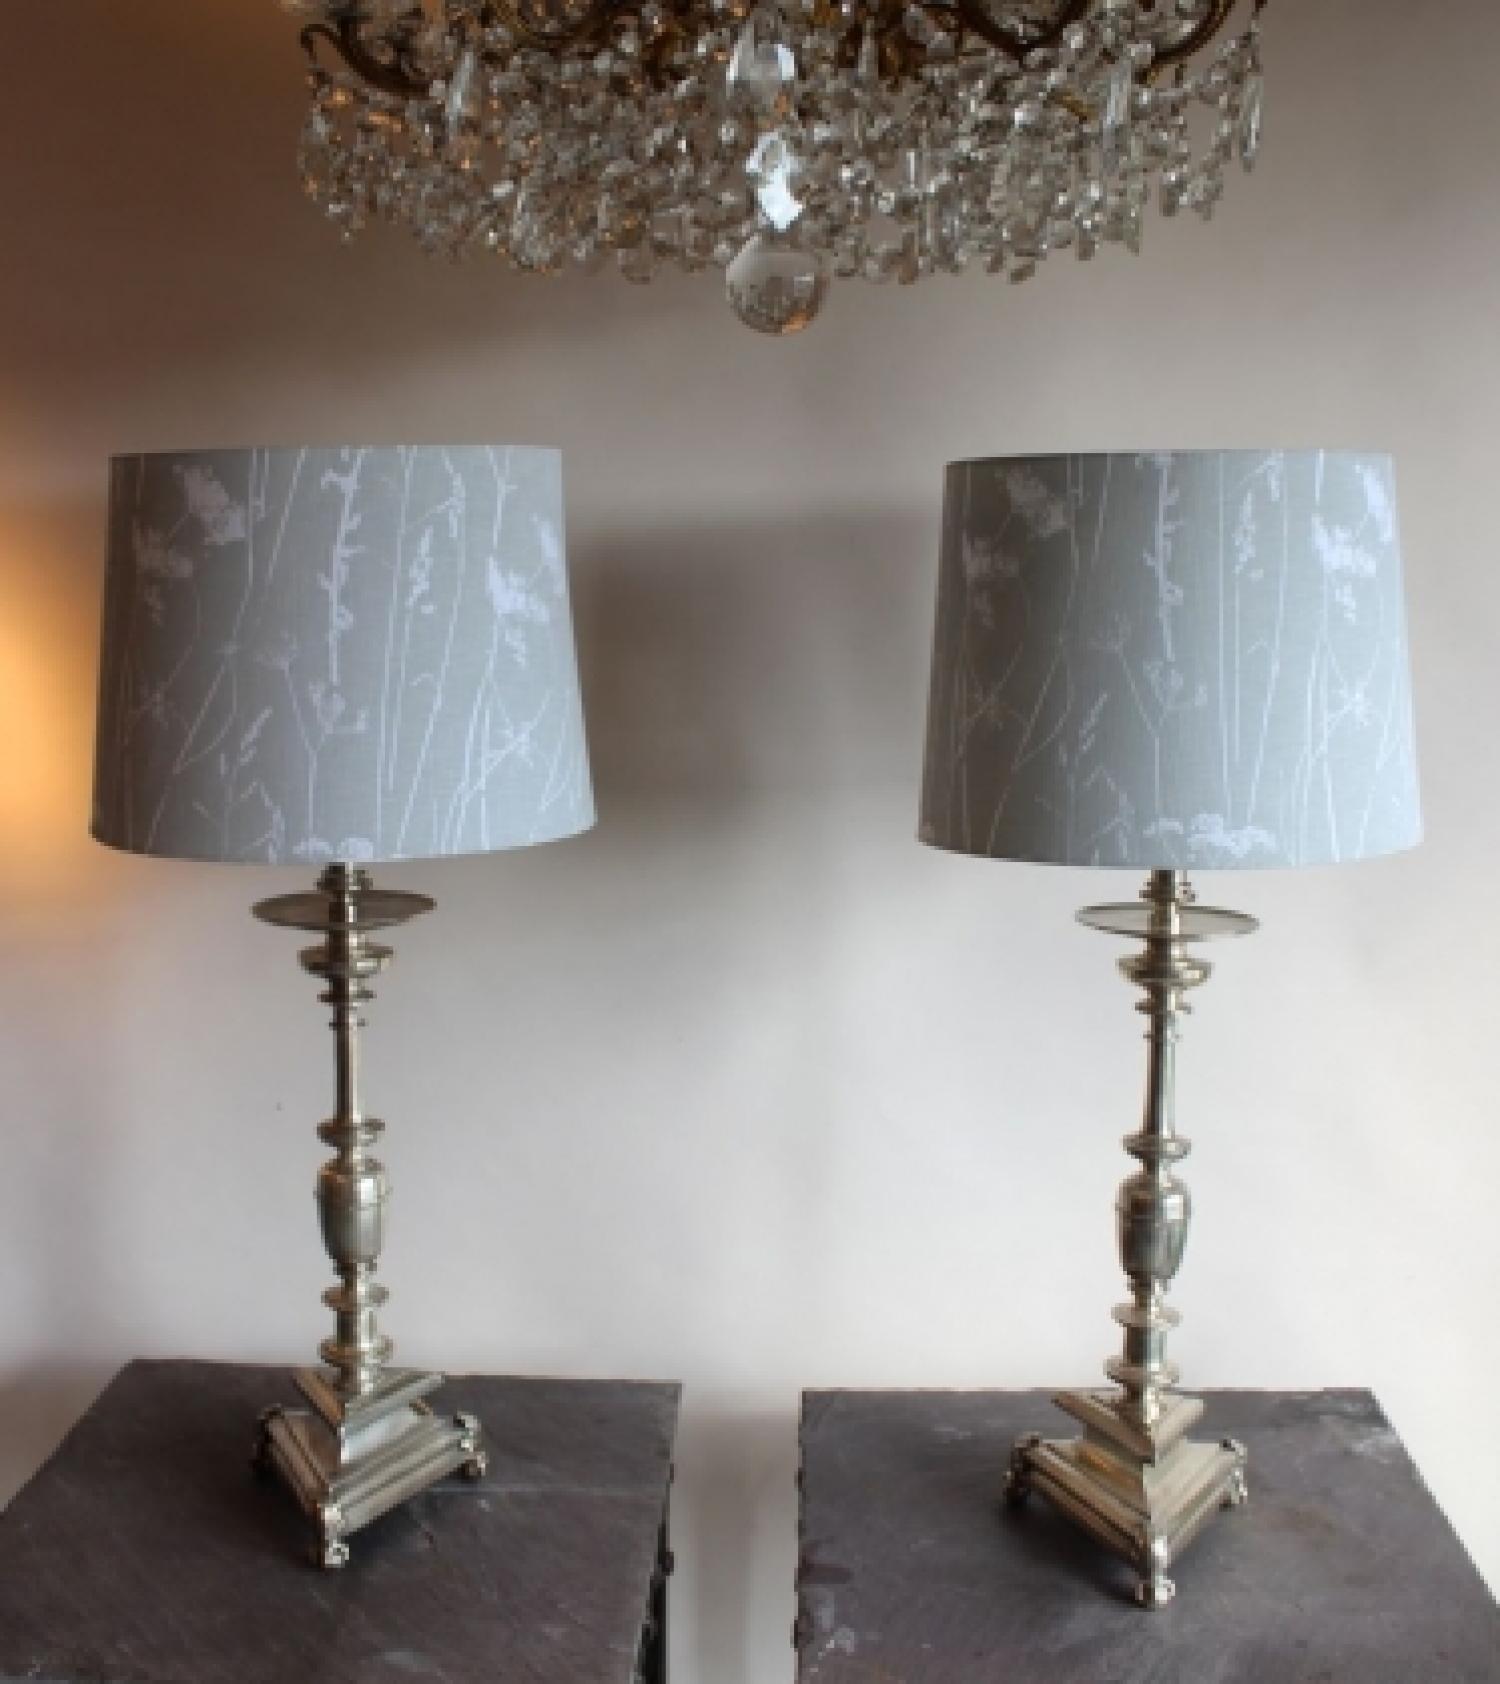 Antique table lamps a big part of our antique ligting range antique table lamps a big part of our antique ligting range image 8 aloadofball Choice Image